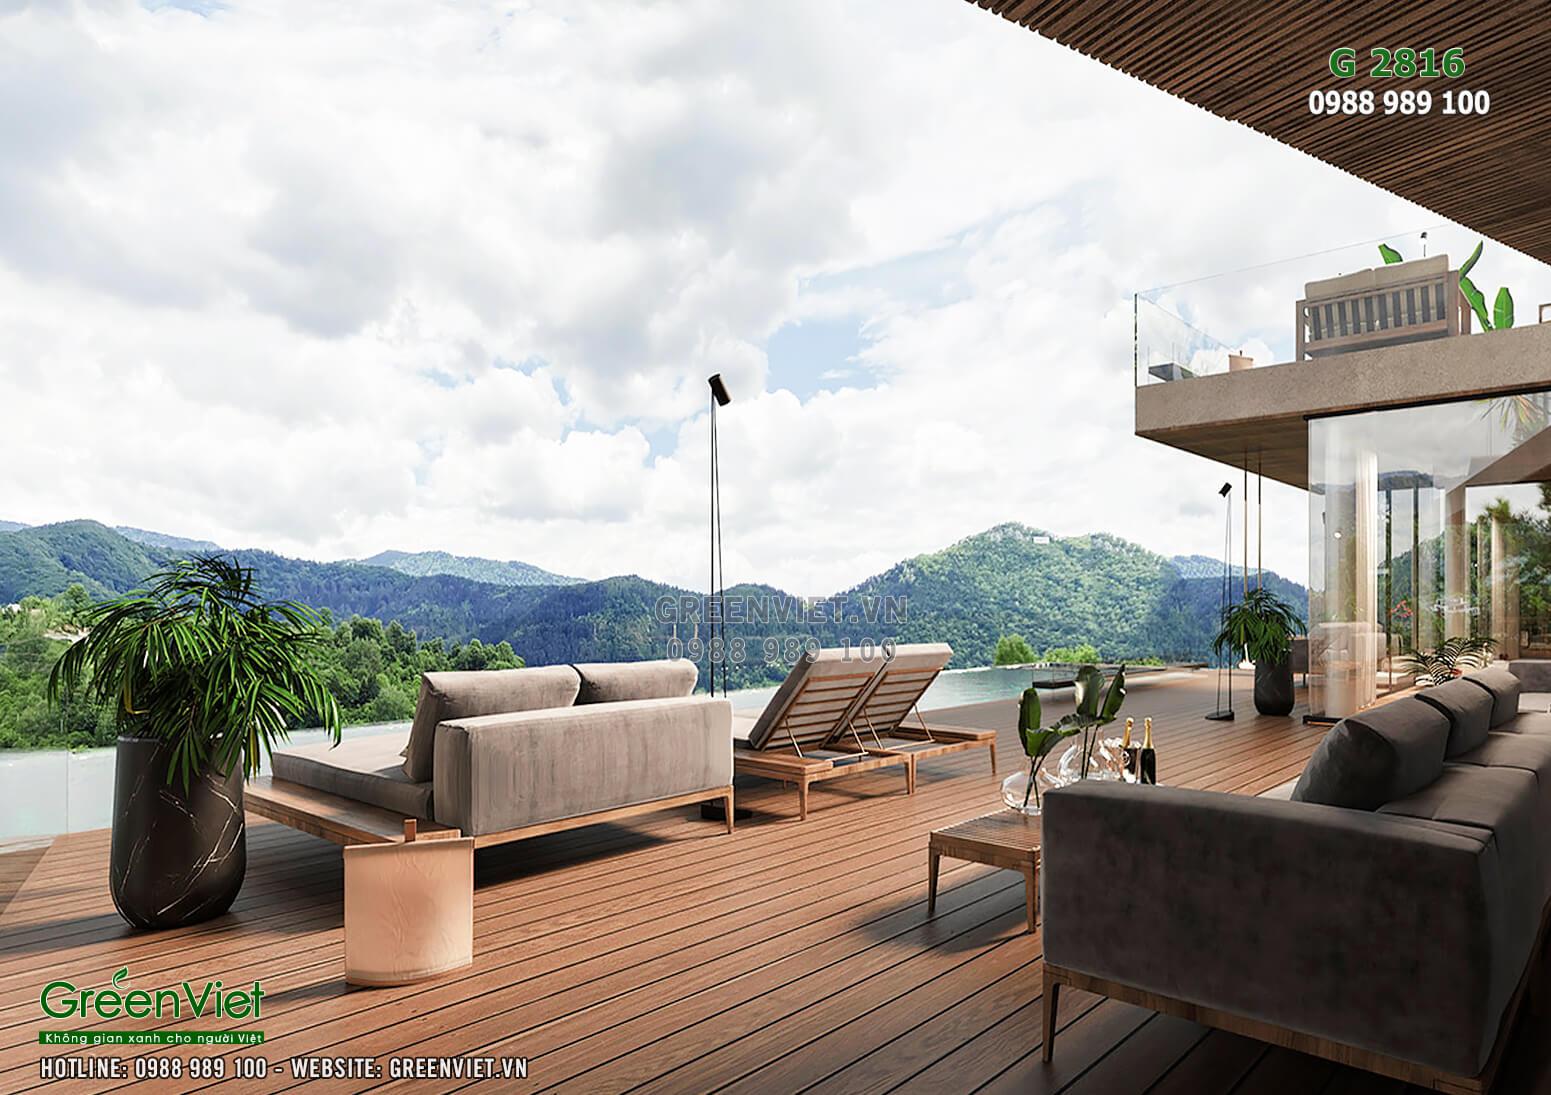 Khung cảnh thiên nhiên hùng vĩ là những gì mà ai cũng mơ ước về một kỳ nghỉ dưỡng hoàn hảo - G2816